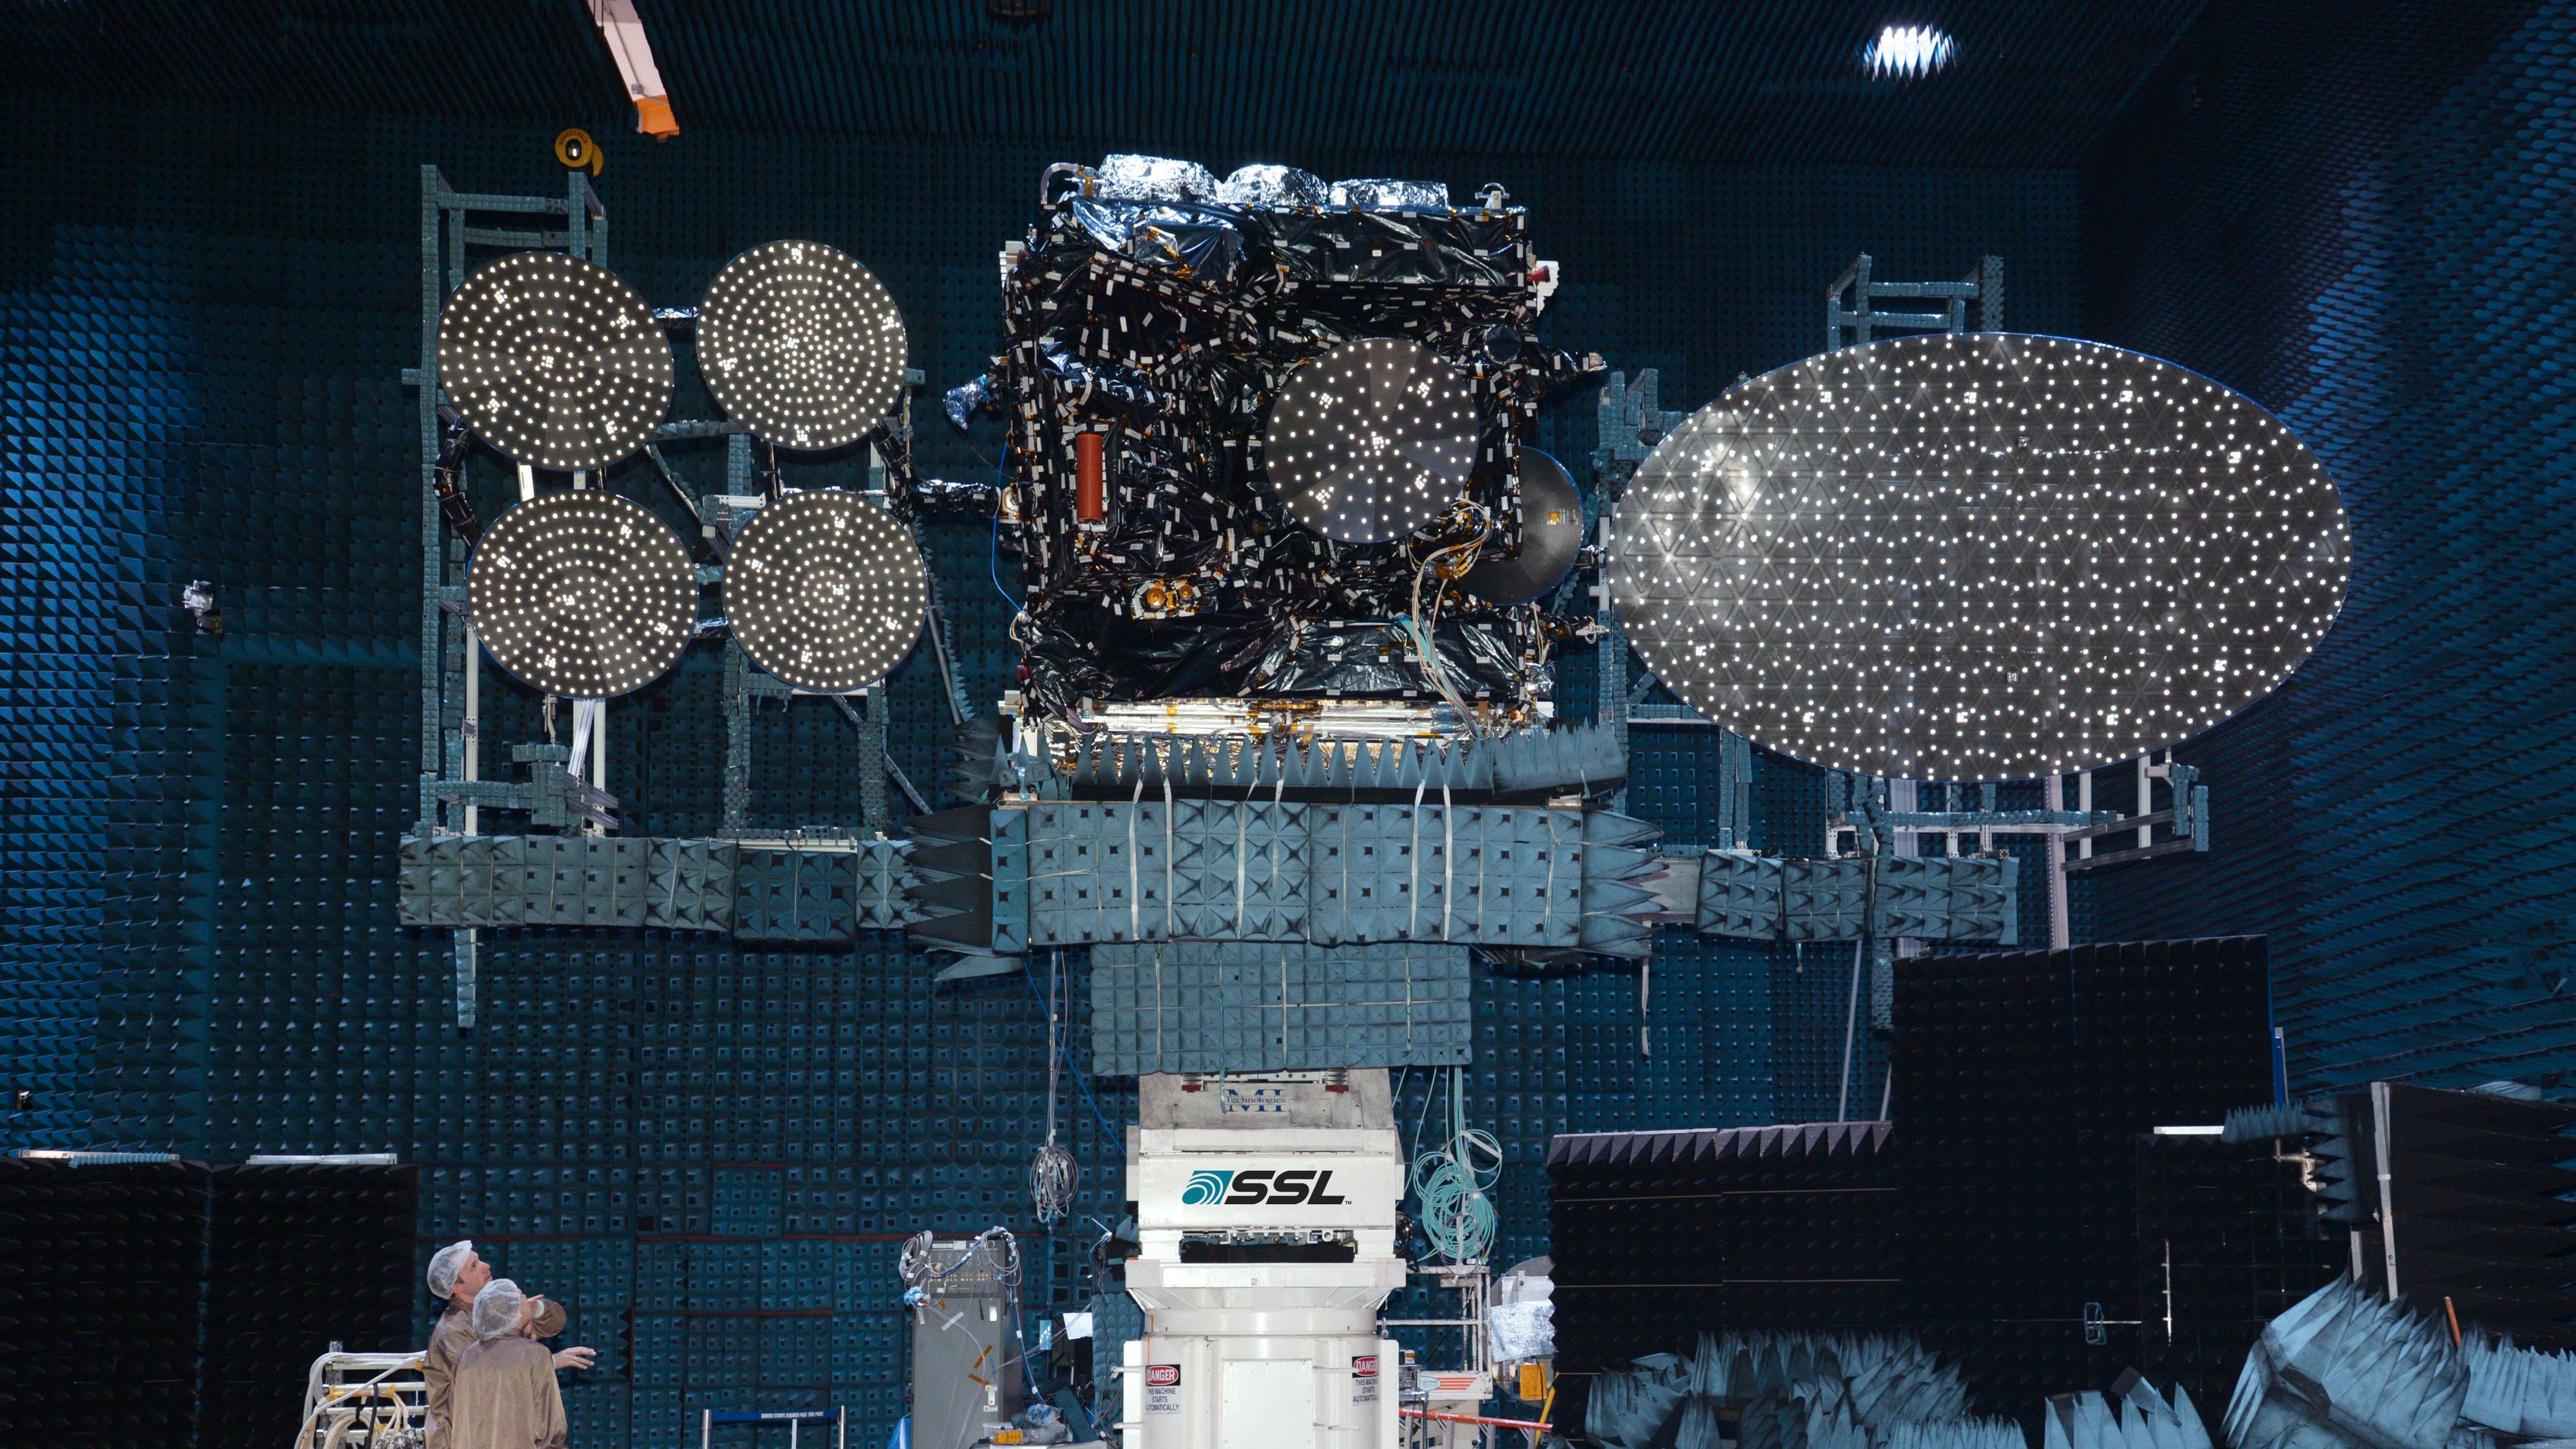 Her er Telenors nye teknologibombe av en satellitt